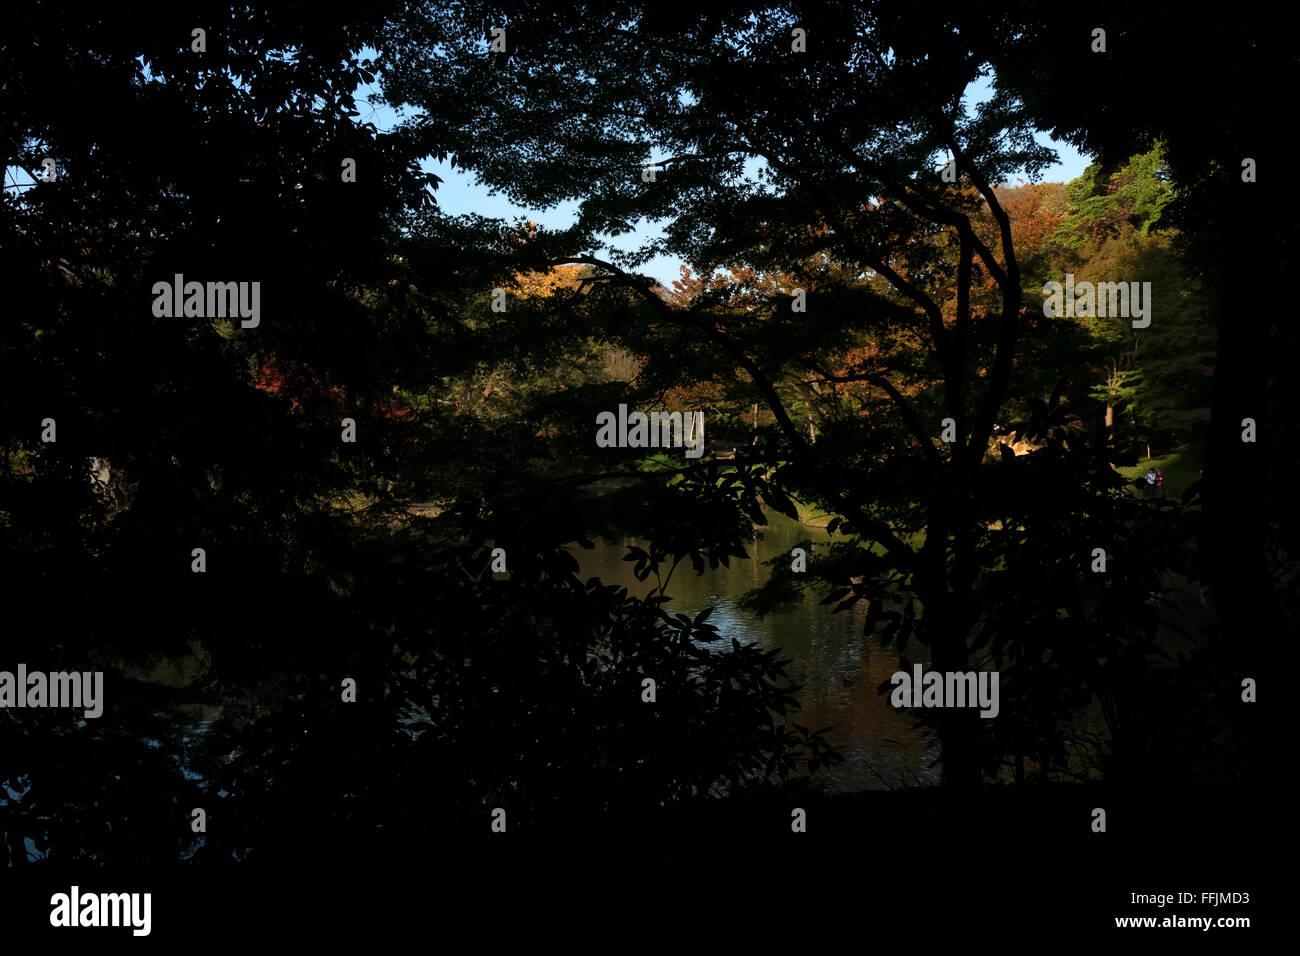 Koishikawa Korakuen Garden, Tokyo, Giappone. City Park nella stagione autunnale, fogliame di autunno su alberi. Immagini Stock